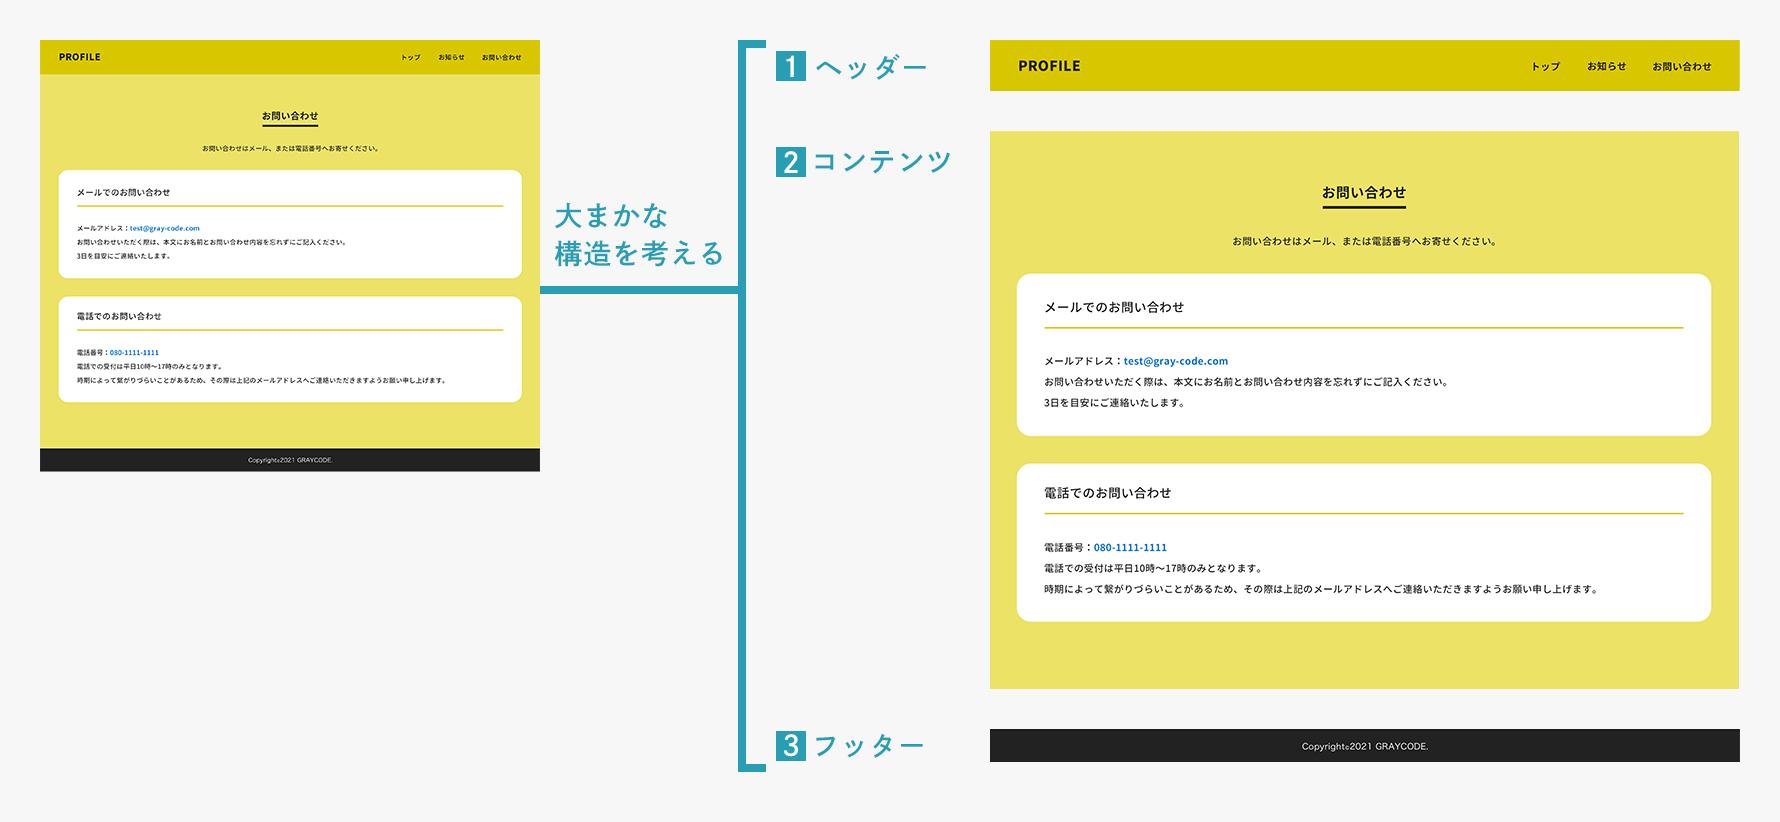 お問い合わせページの構造イメージ